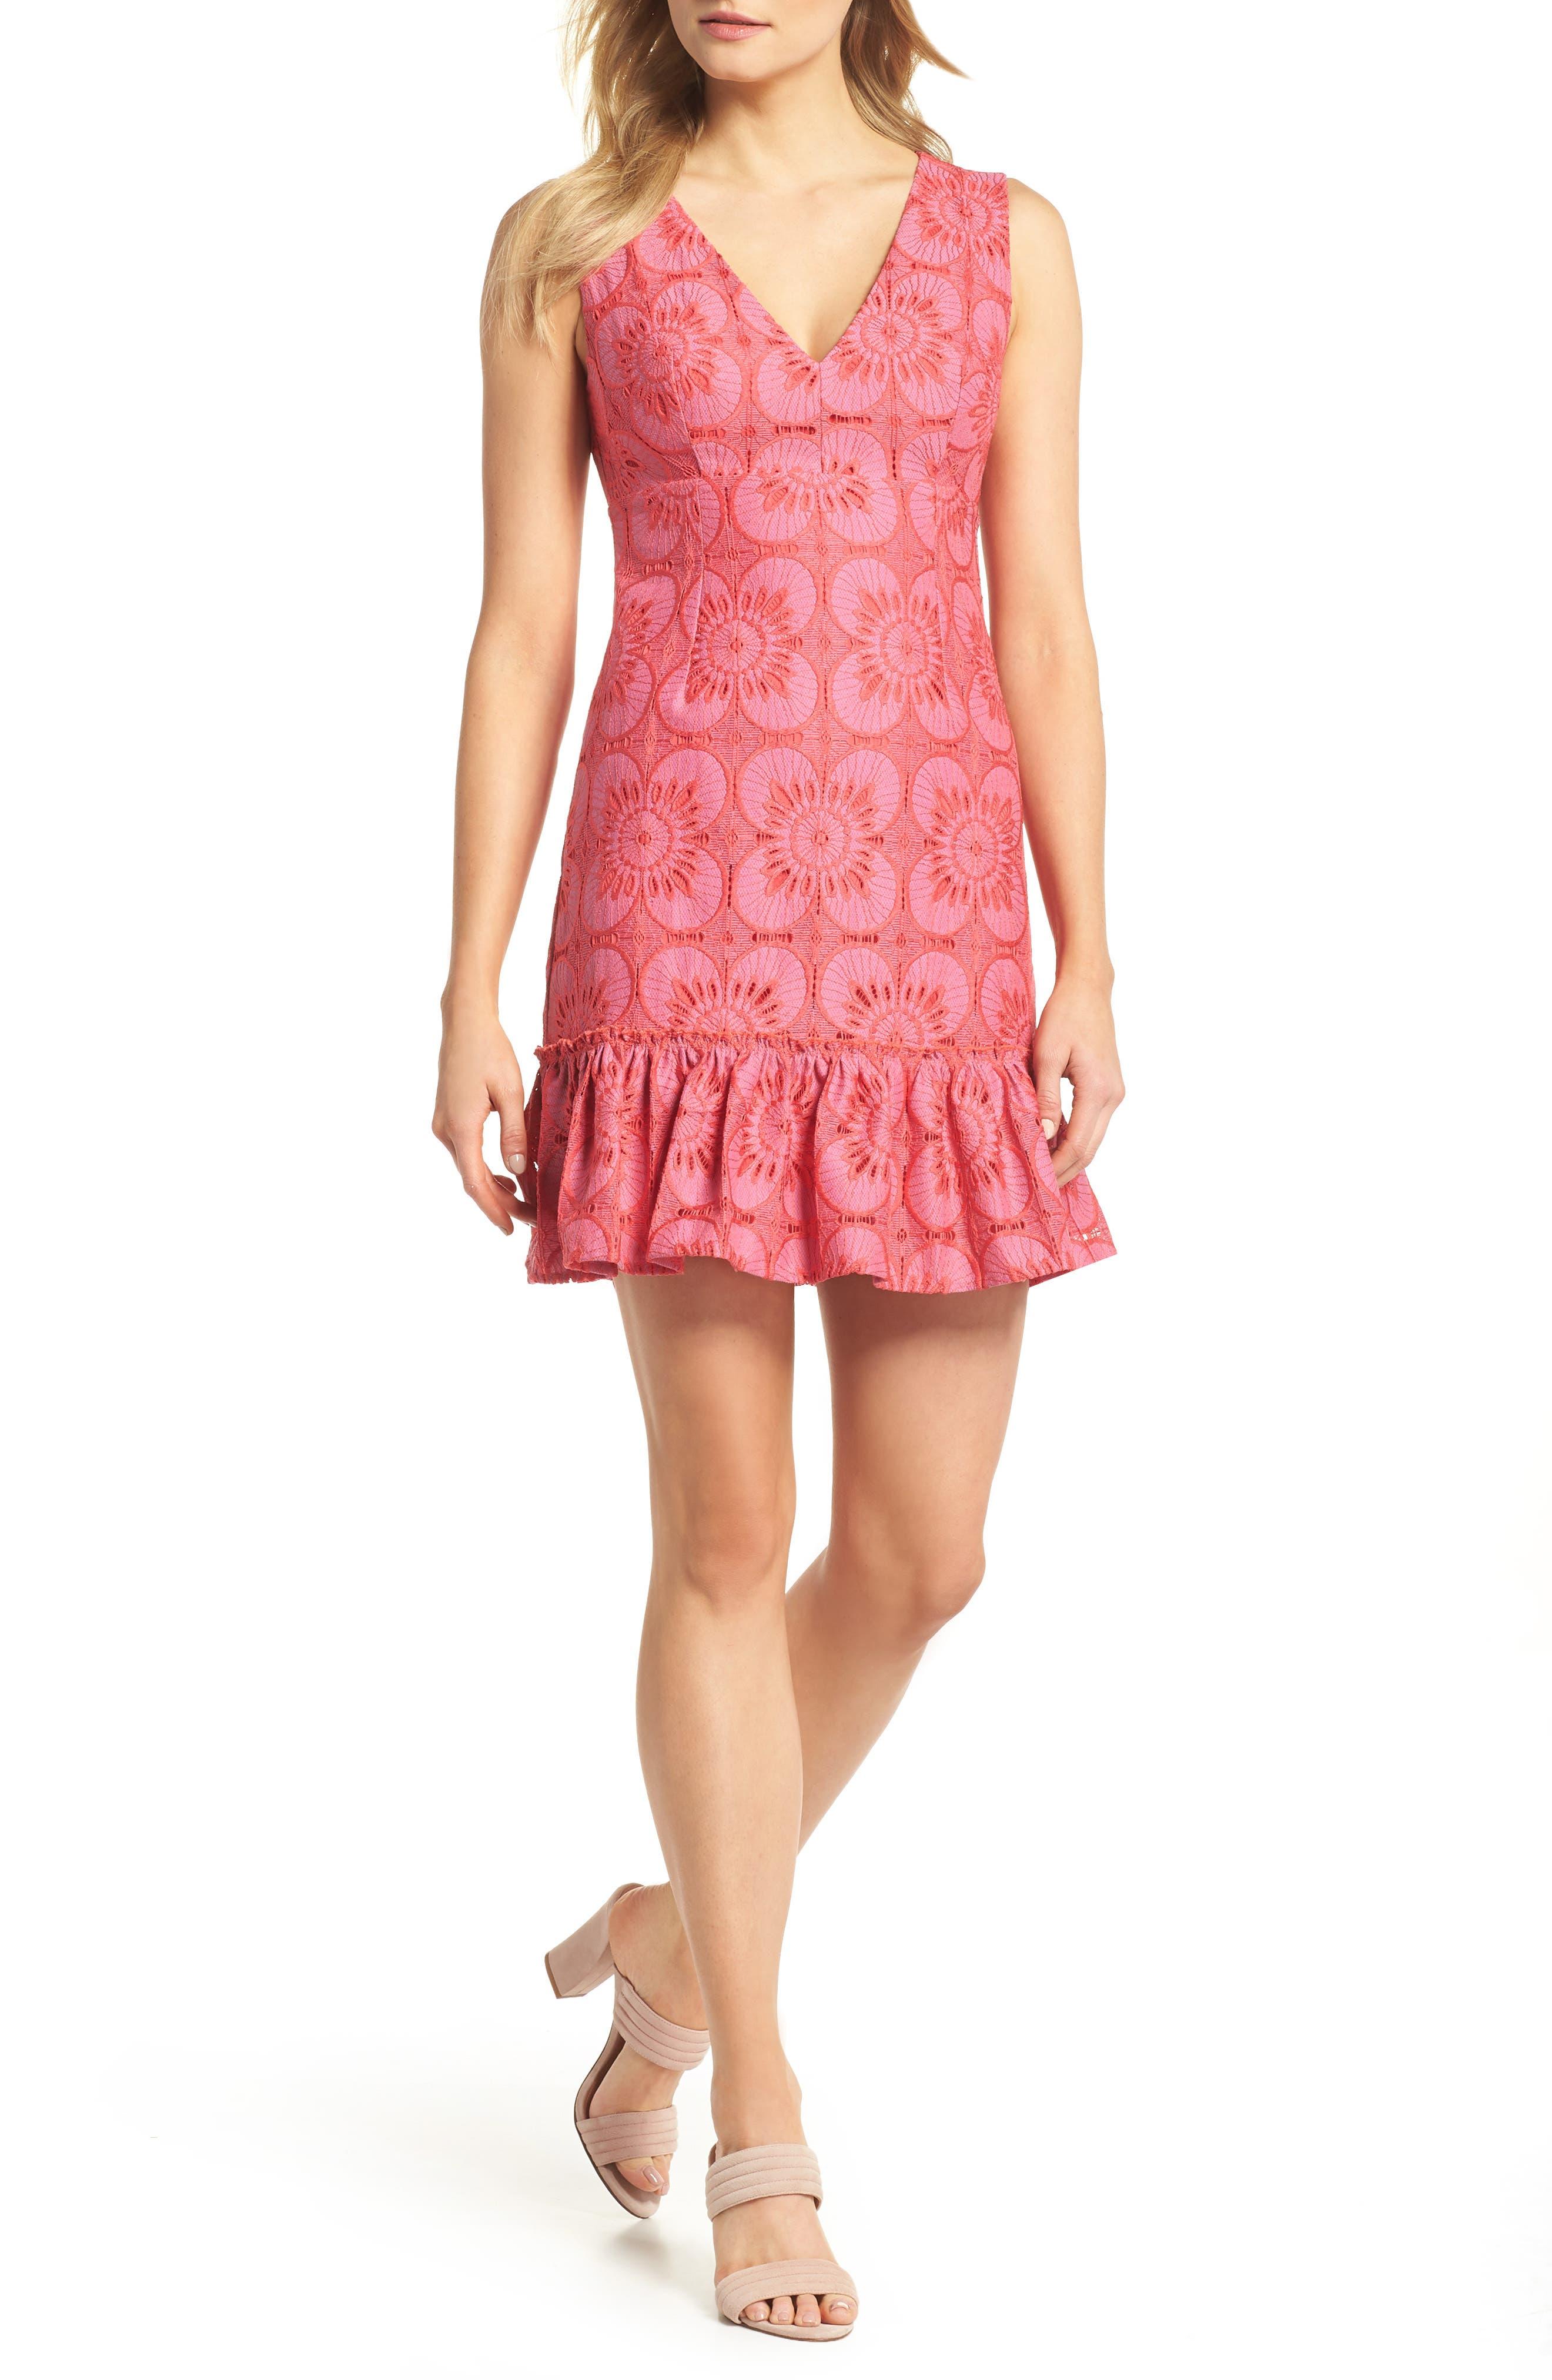 Carpinteria Lace Ruffle Hem Dress,                             Main thumbnail 1, color,                             Peony